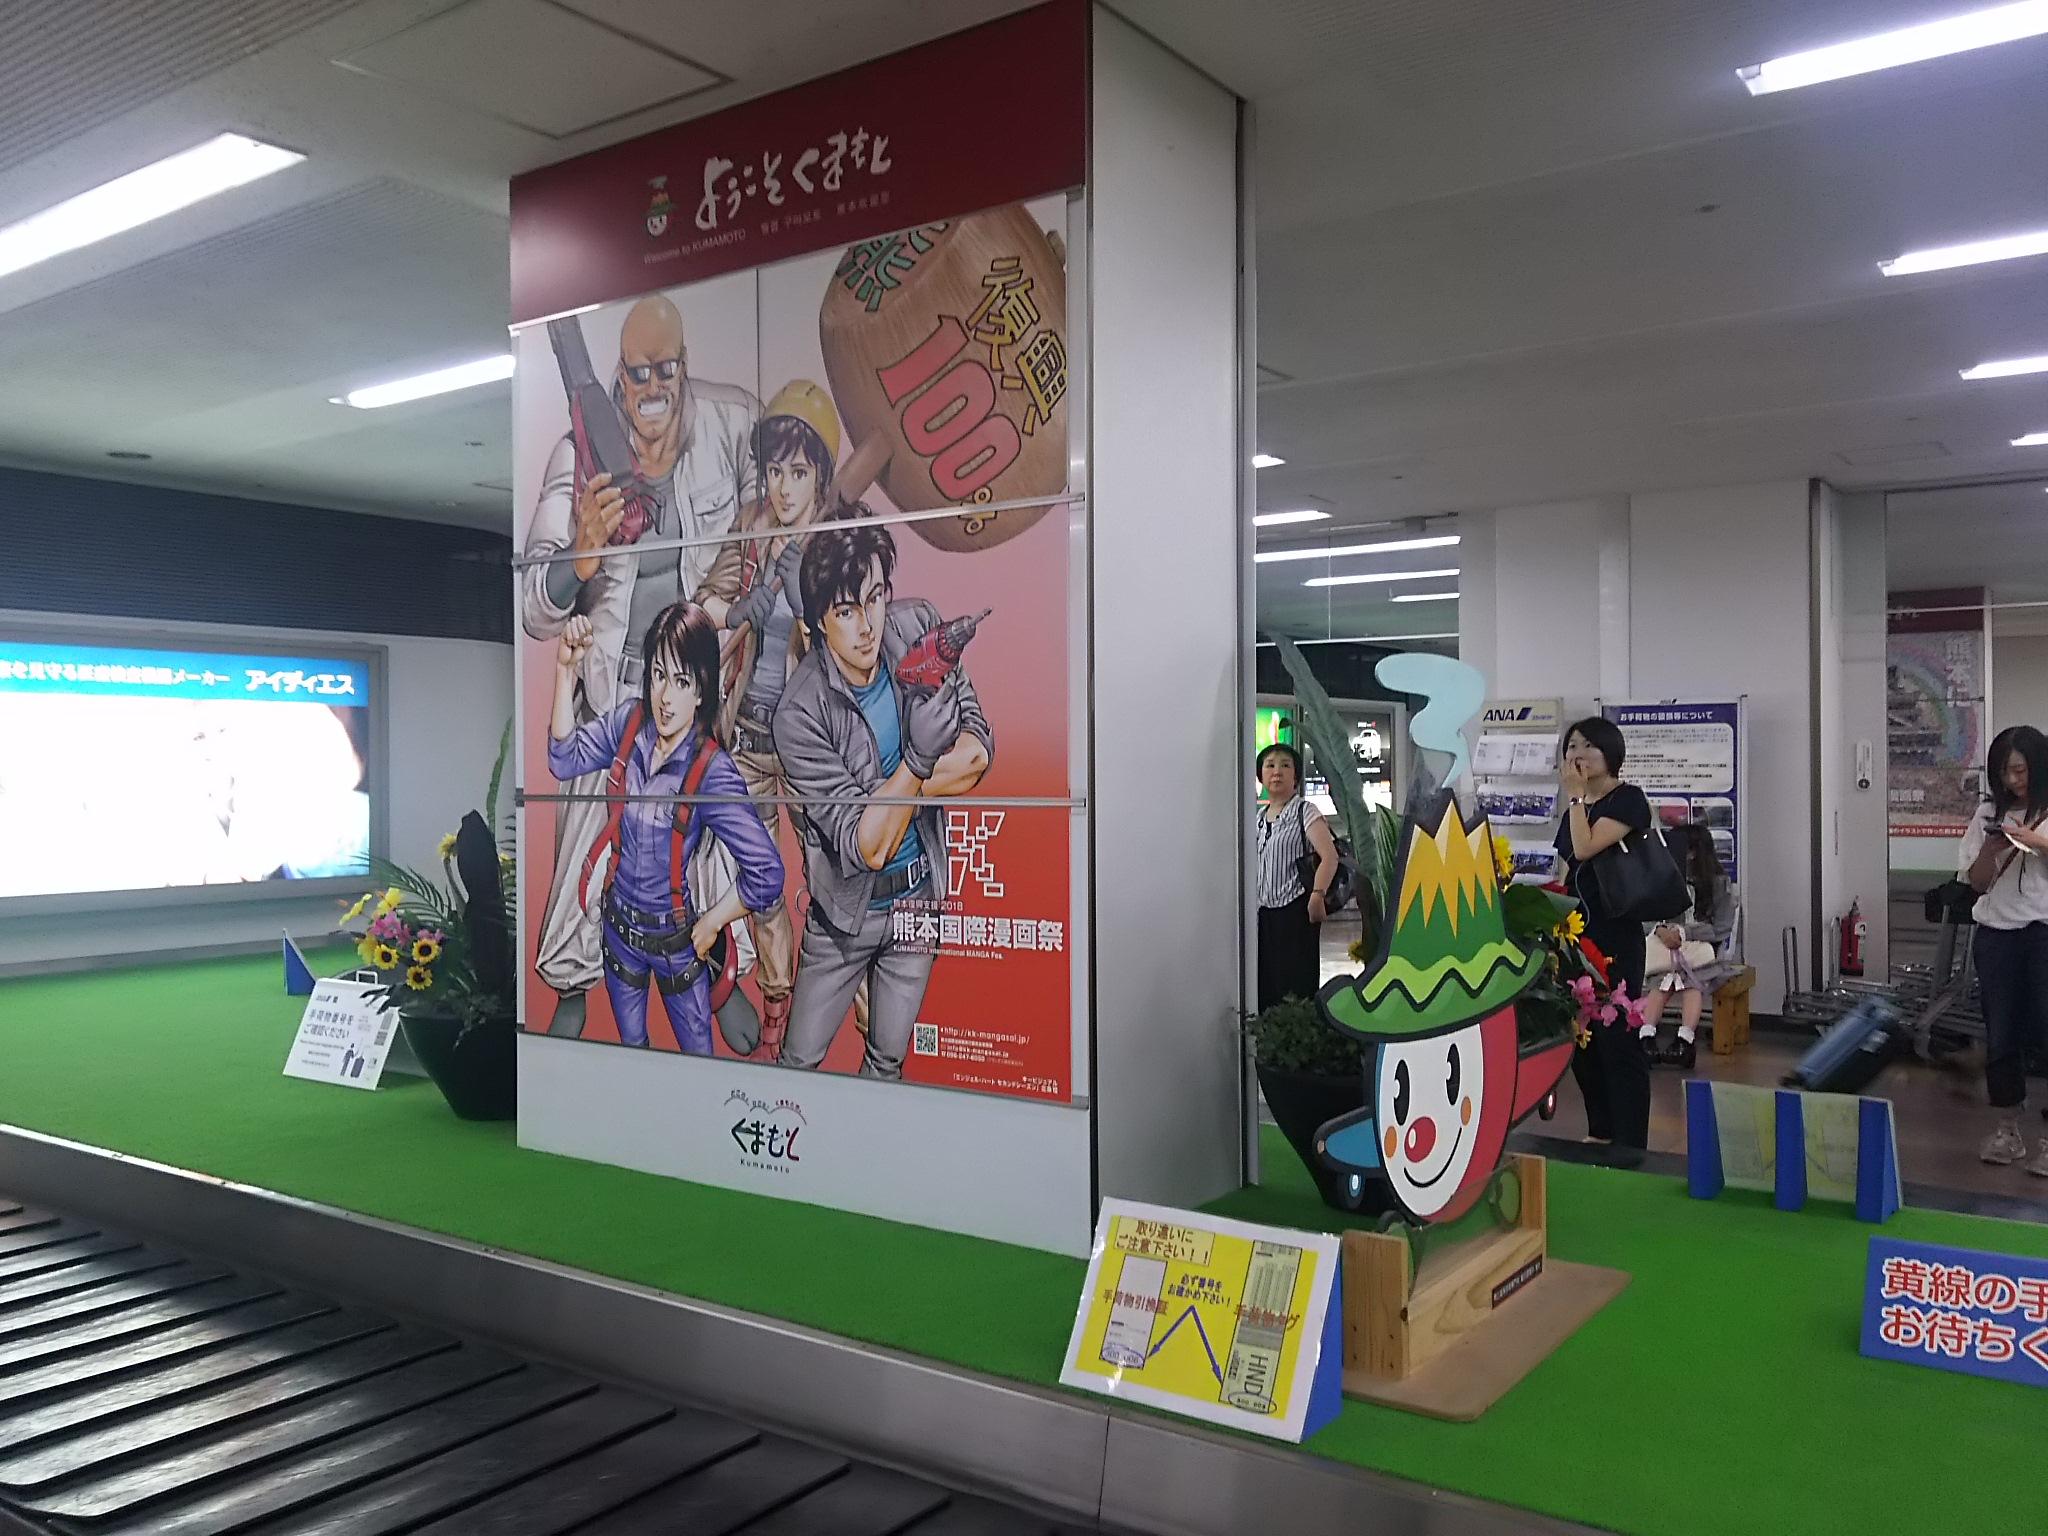 阿蘇くまもと空港